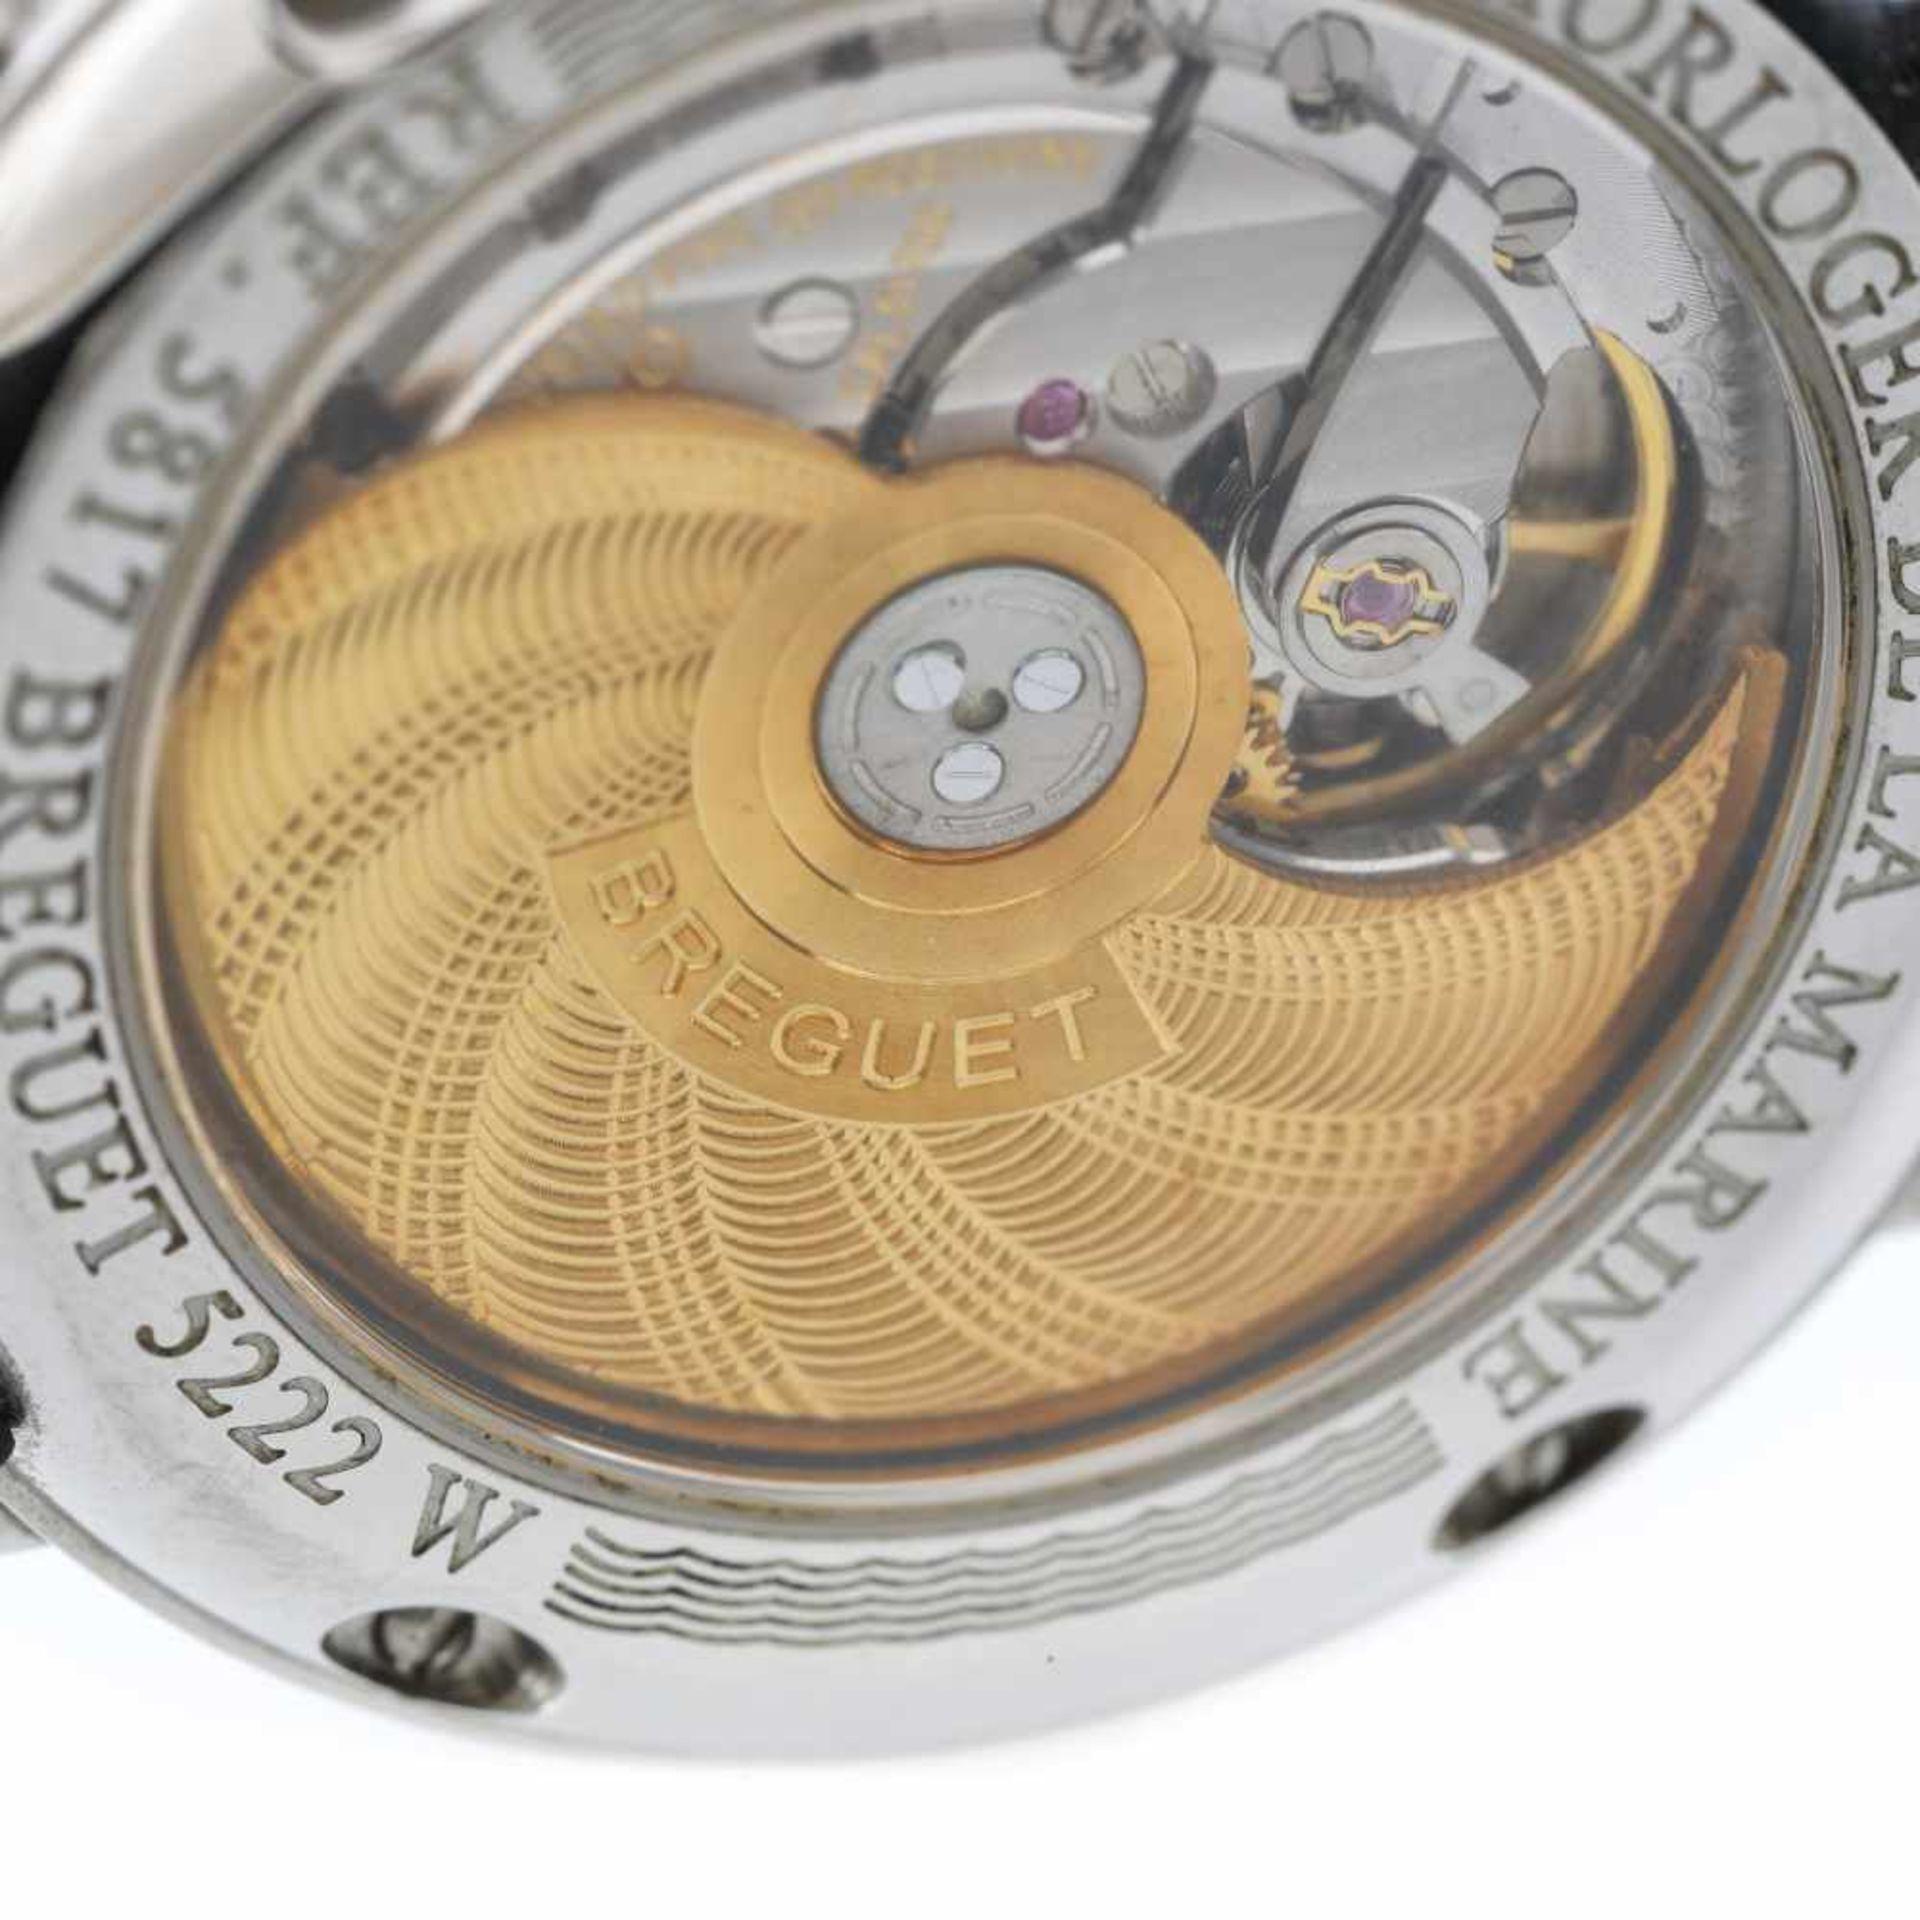 Breguet Marine wristwatch, men, provenance documents - Bild 3 aus 3